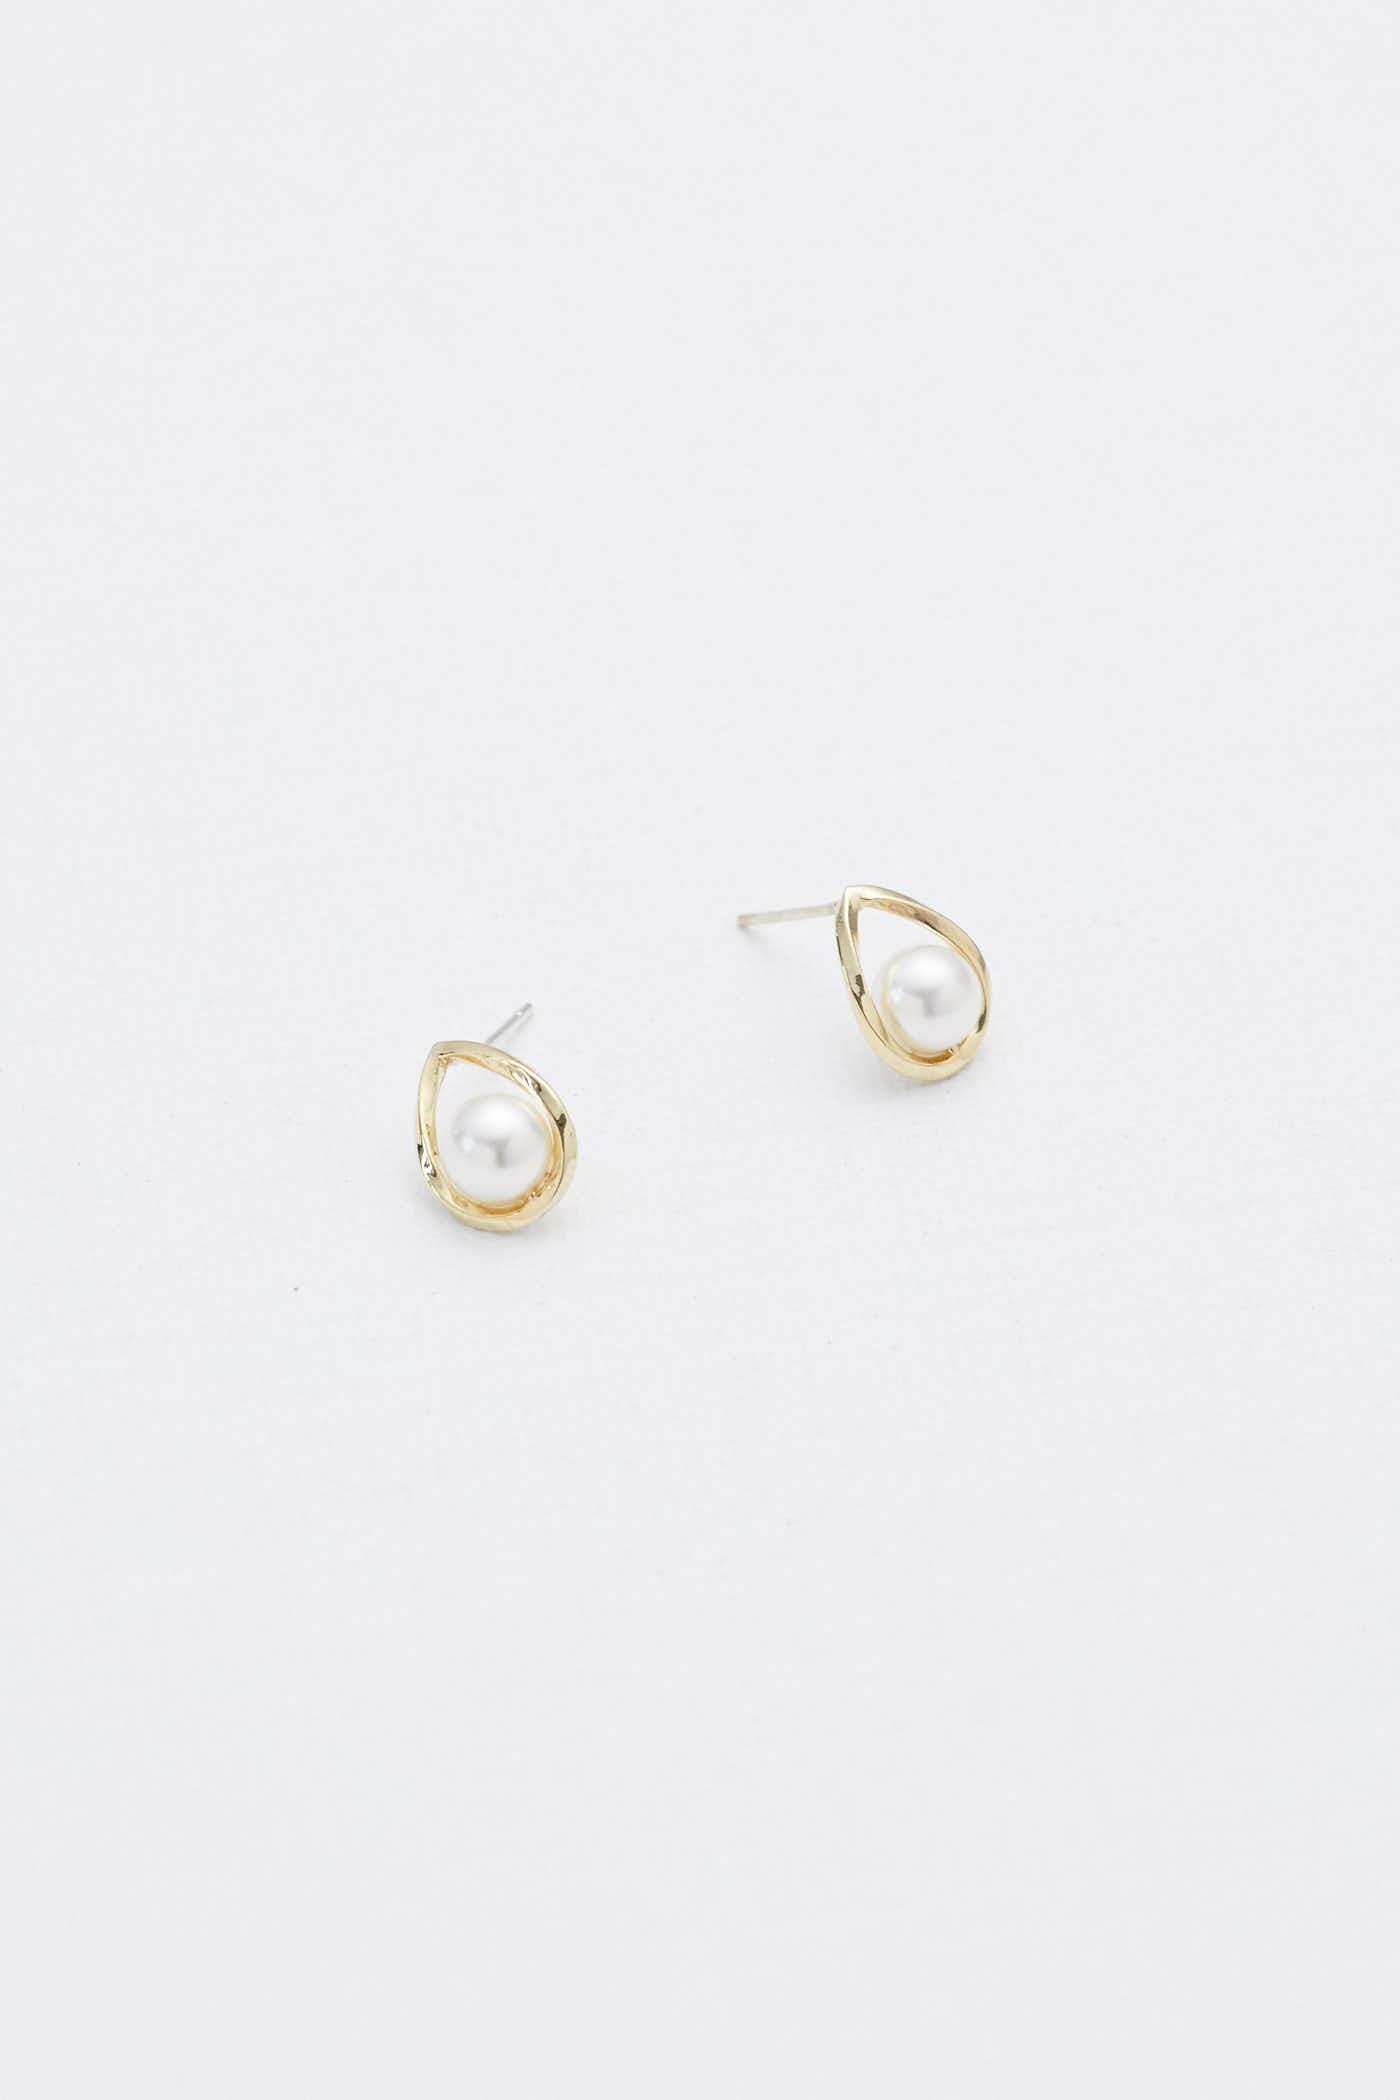 Brea Earrings